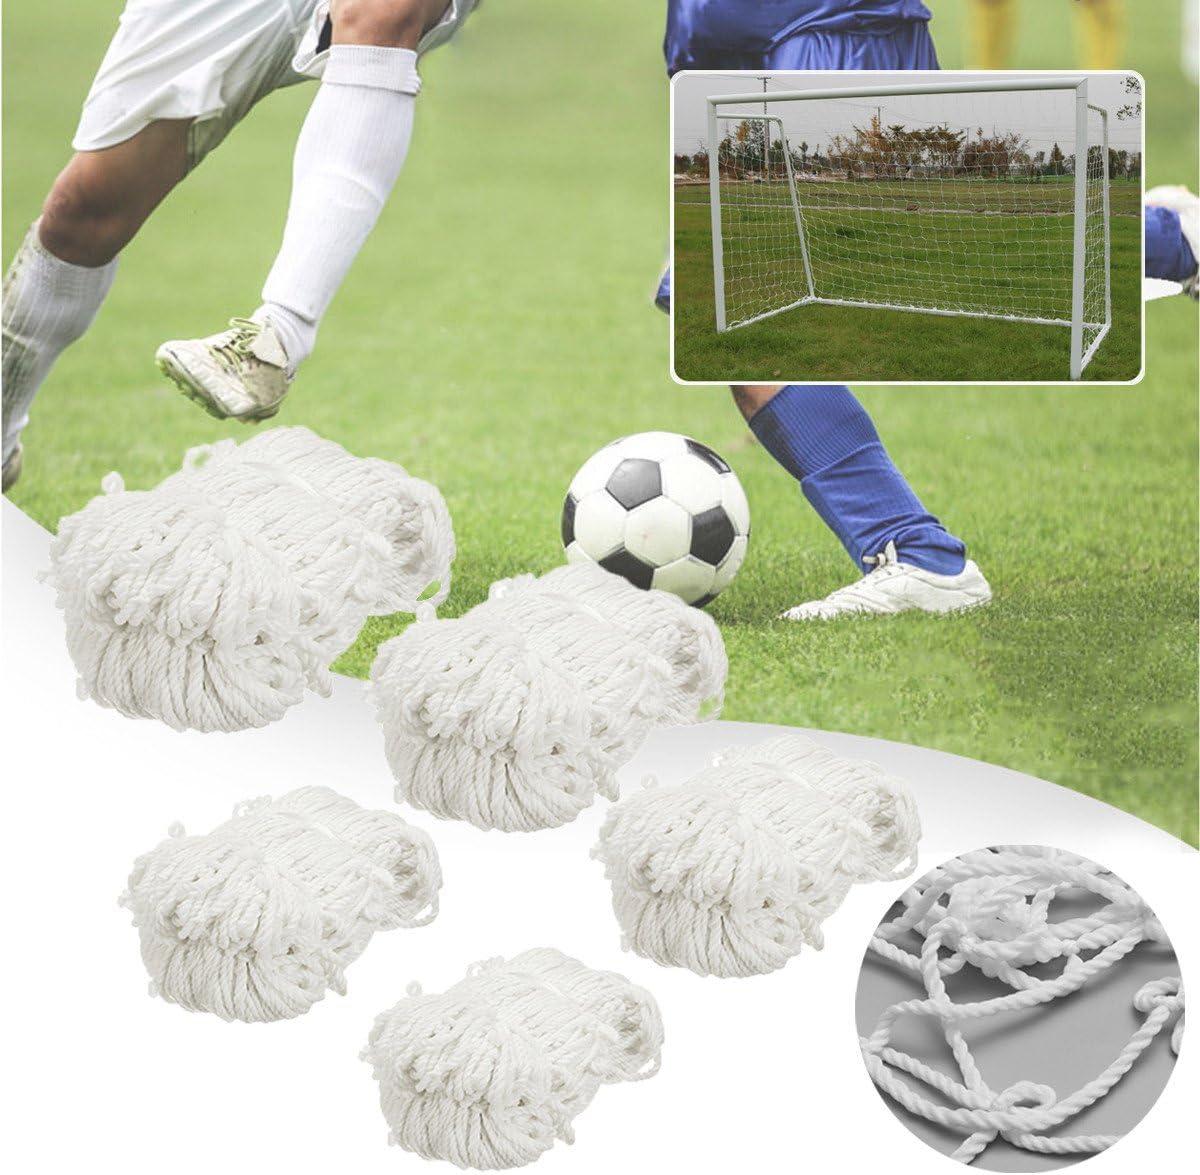 8x6 FT Full Size Football Soccer Goal Post Net For Outdoor Sports Training